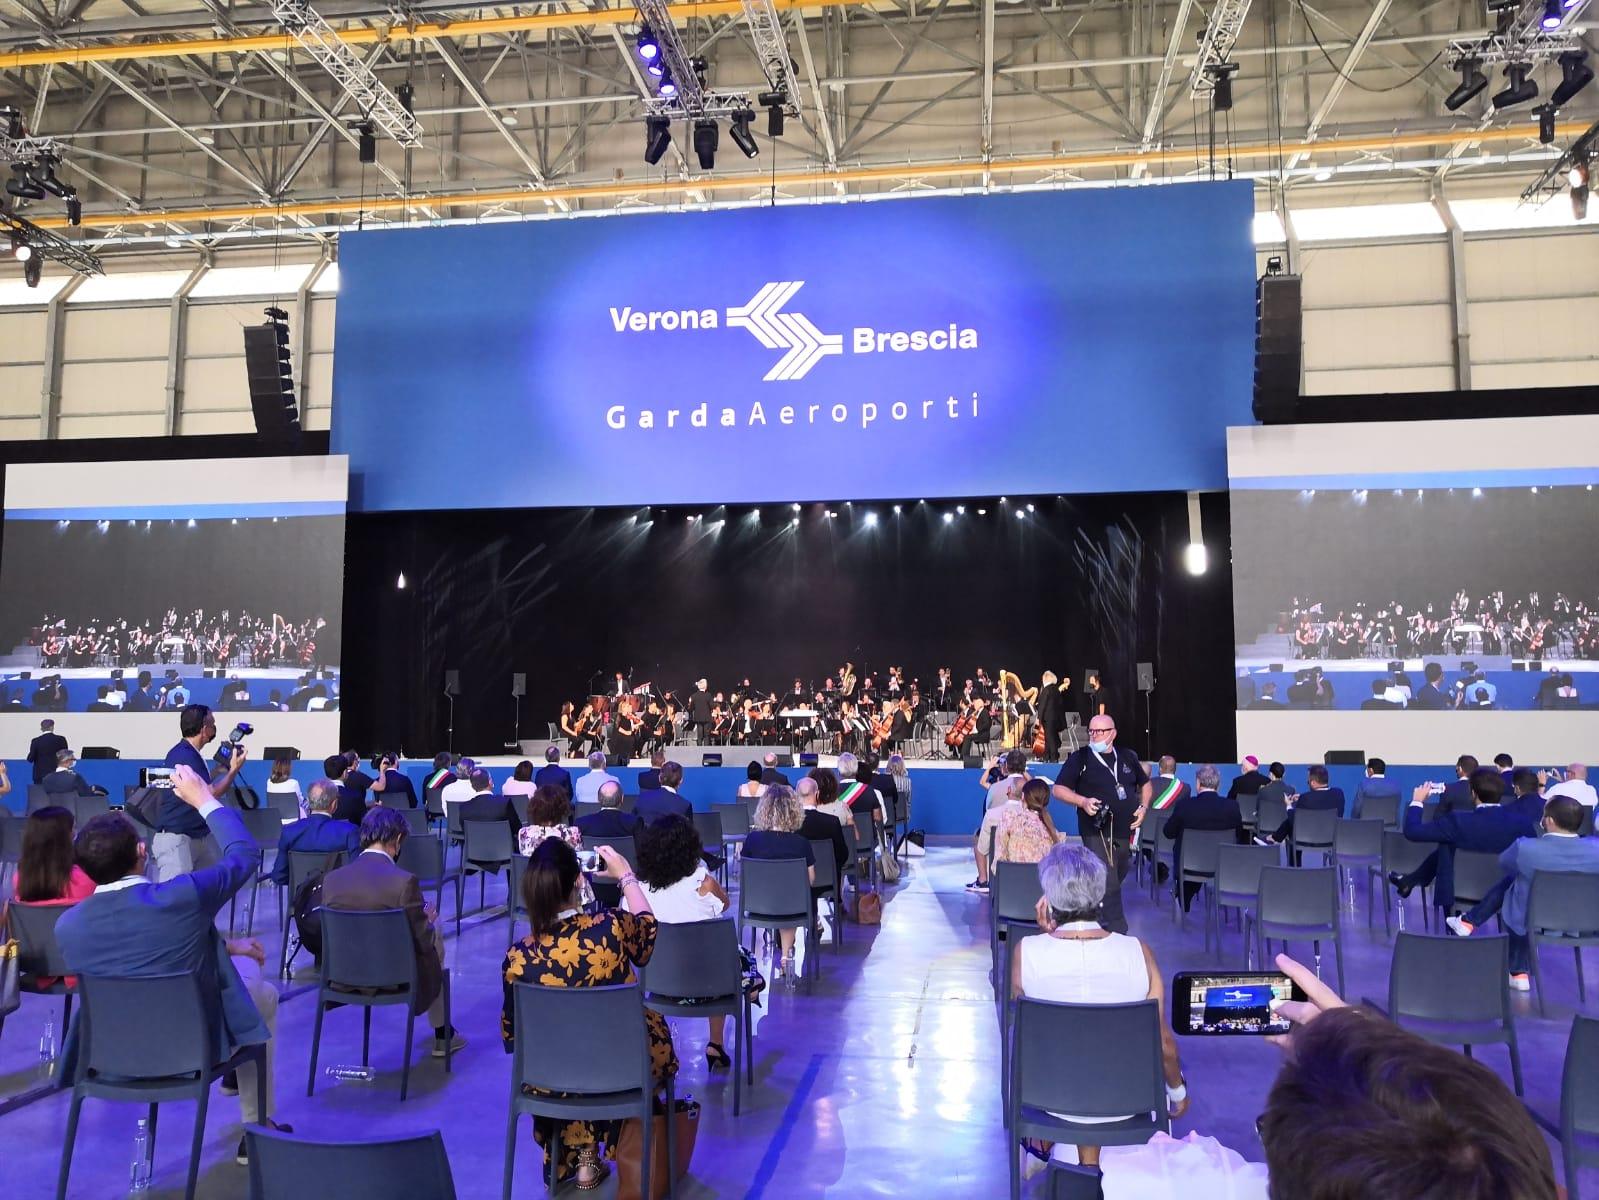 Aeroporto di Verona: iniziati i lavori di ampliamento del terminal